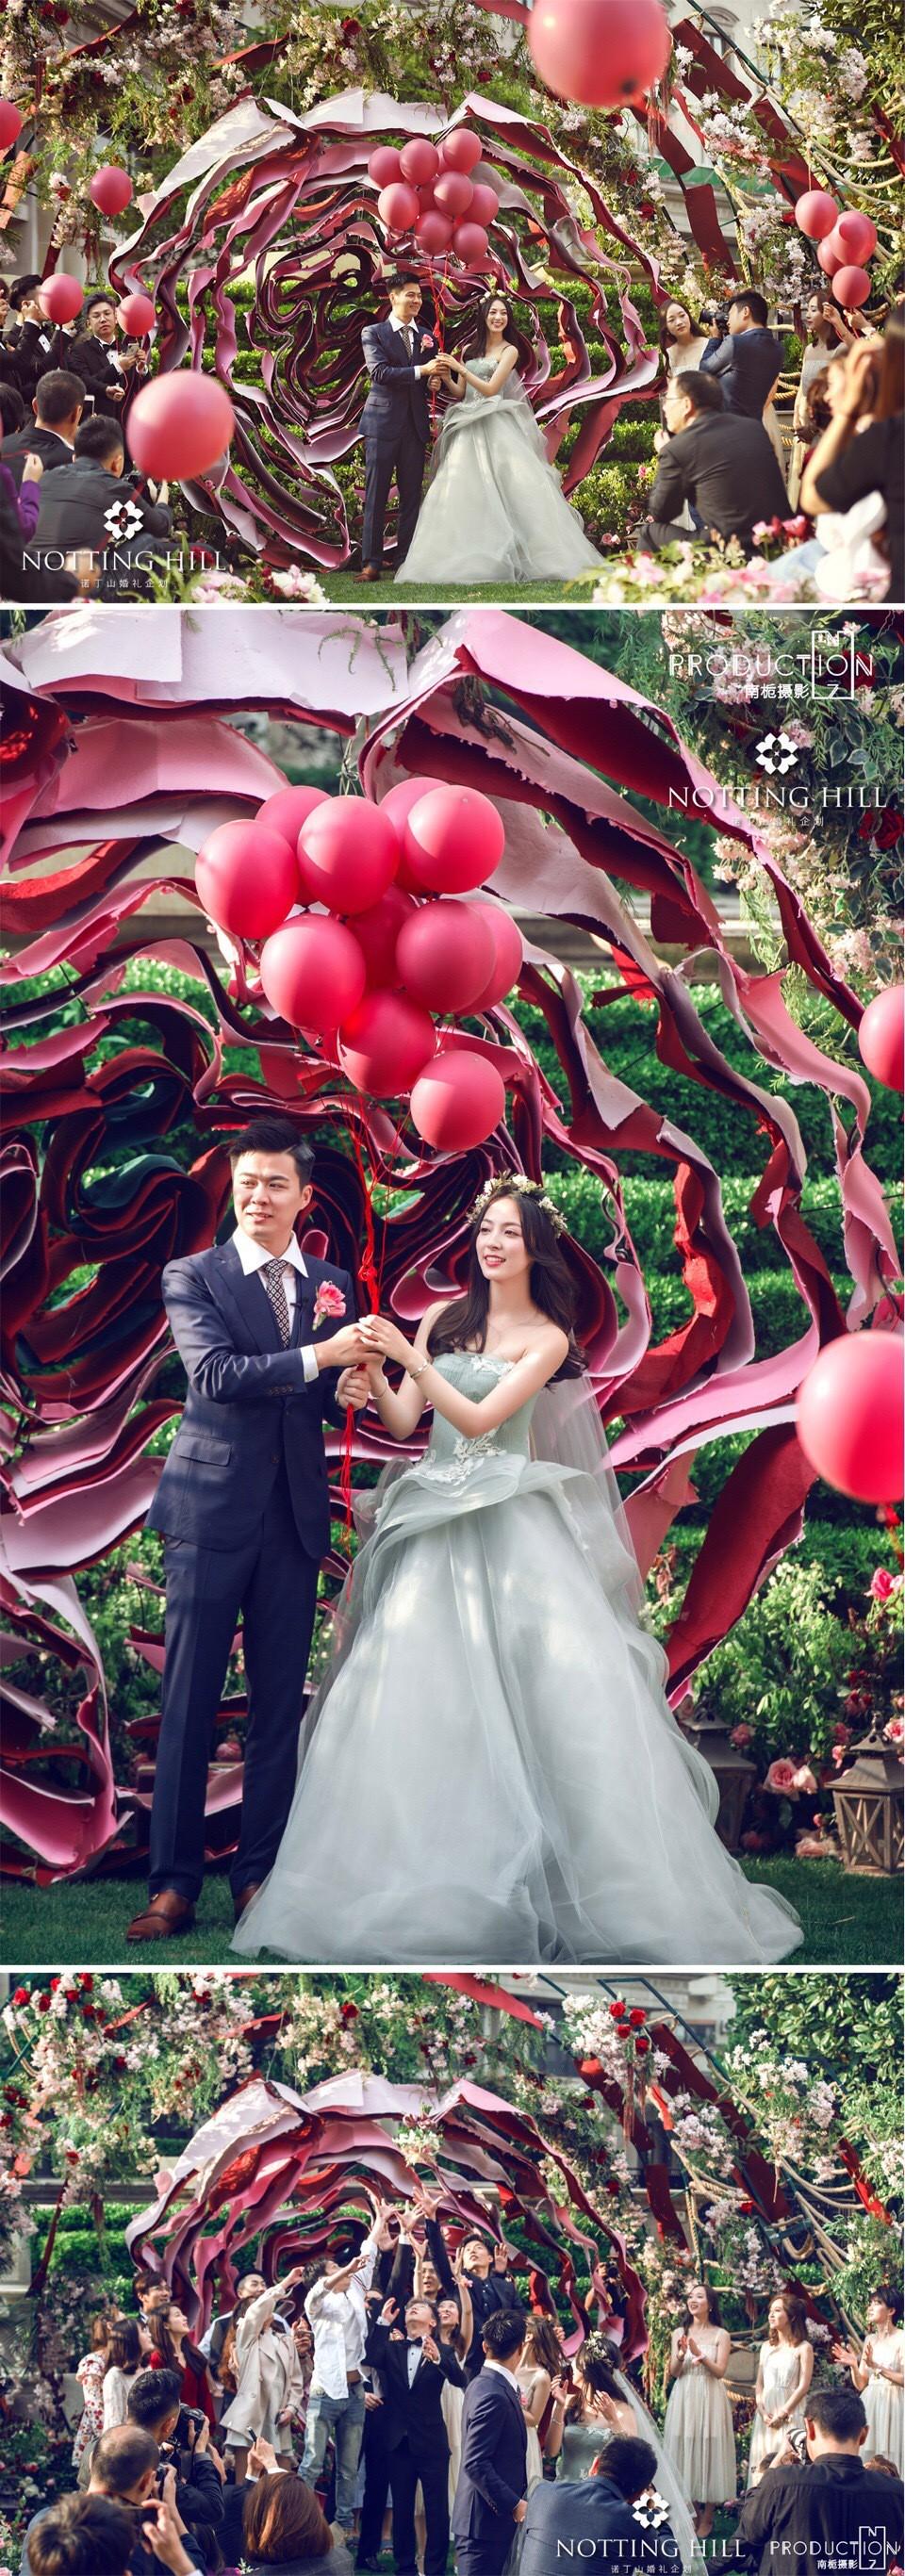 Câu chuyện ngôn tình và đám cưới như mơ của mỹ nữ được mệnh danh là chị đẹp trên Tik Tok Trung Quốc - Ảnh 12.